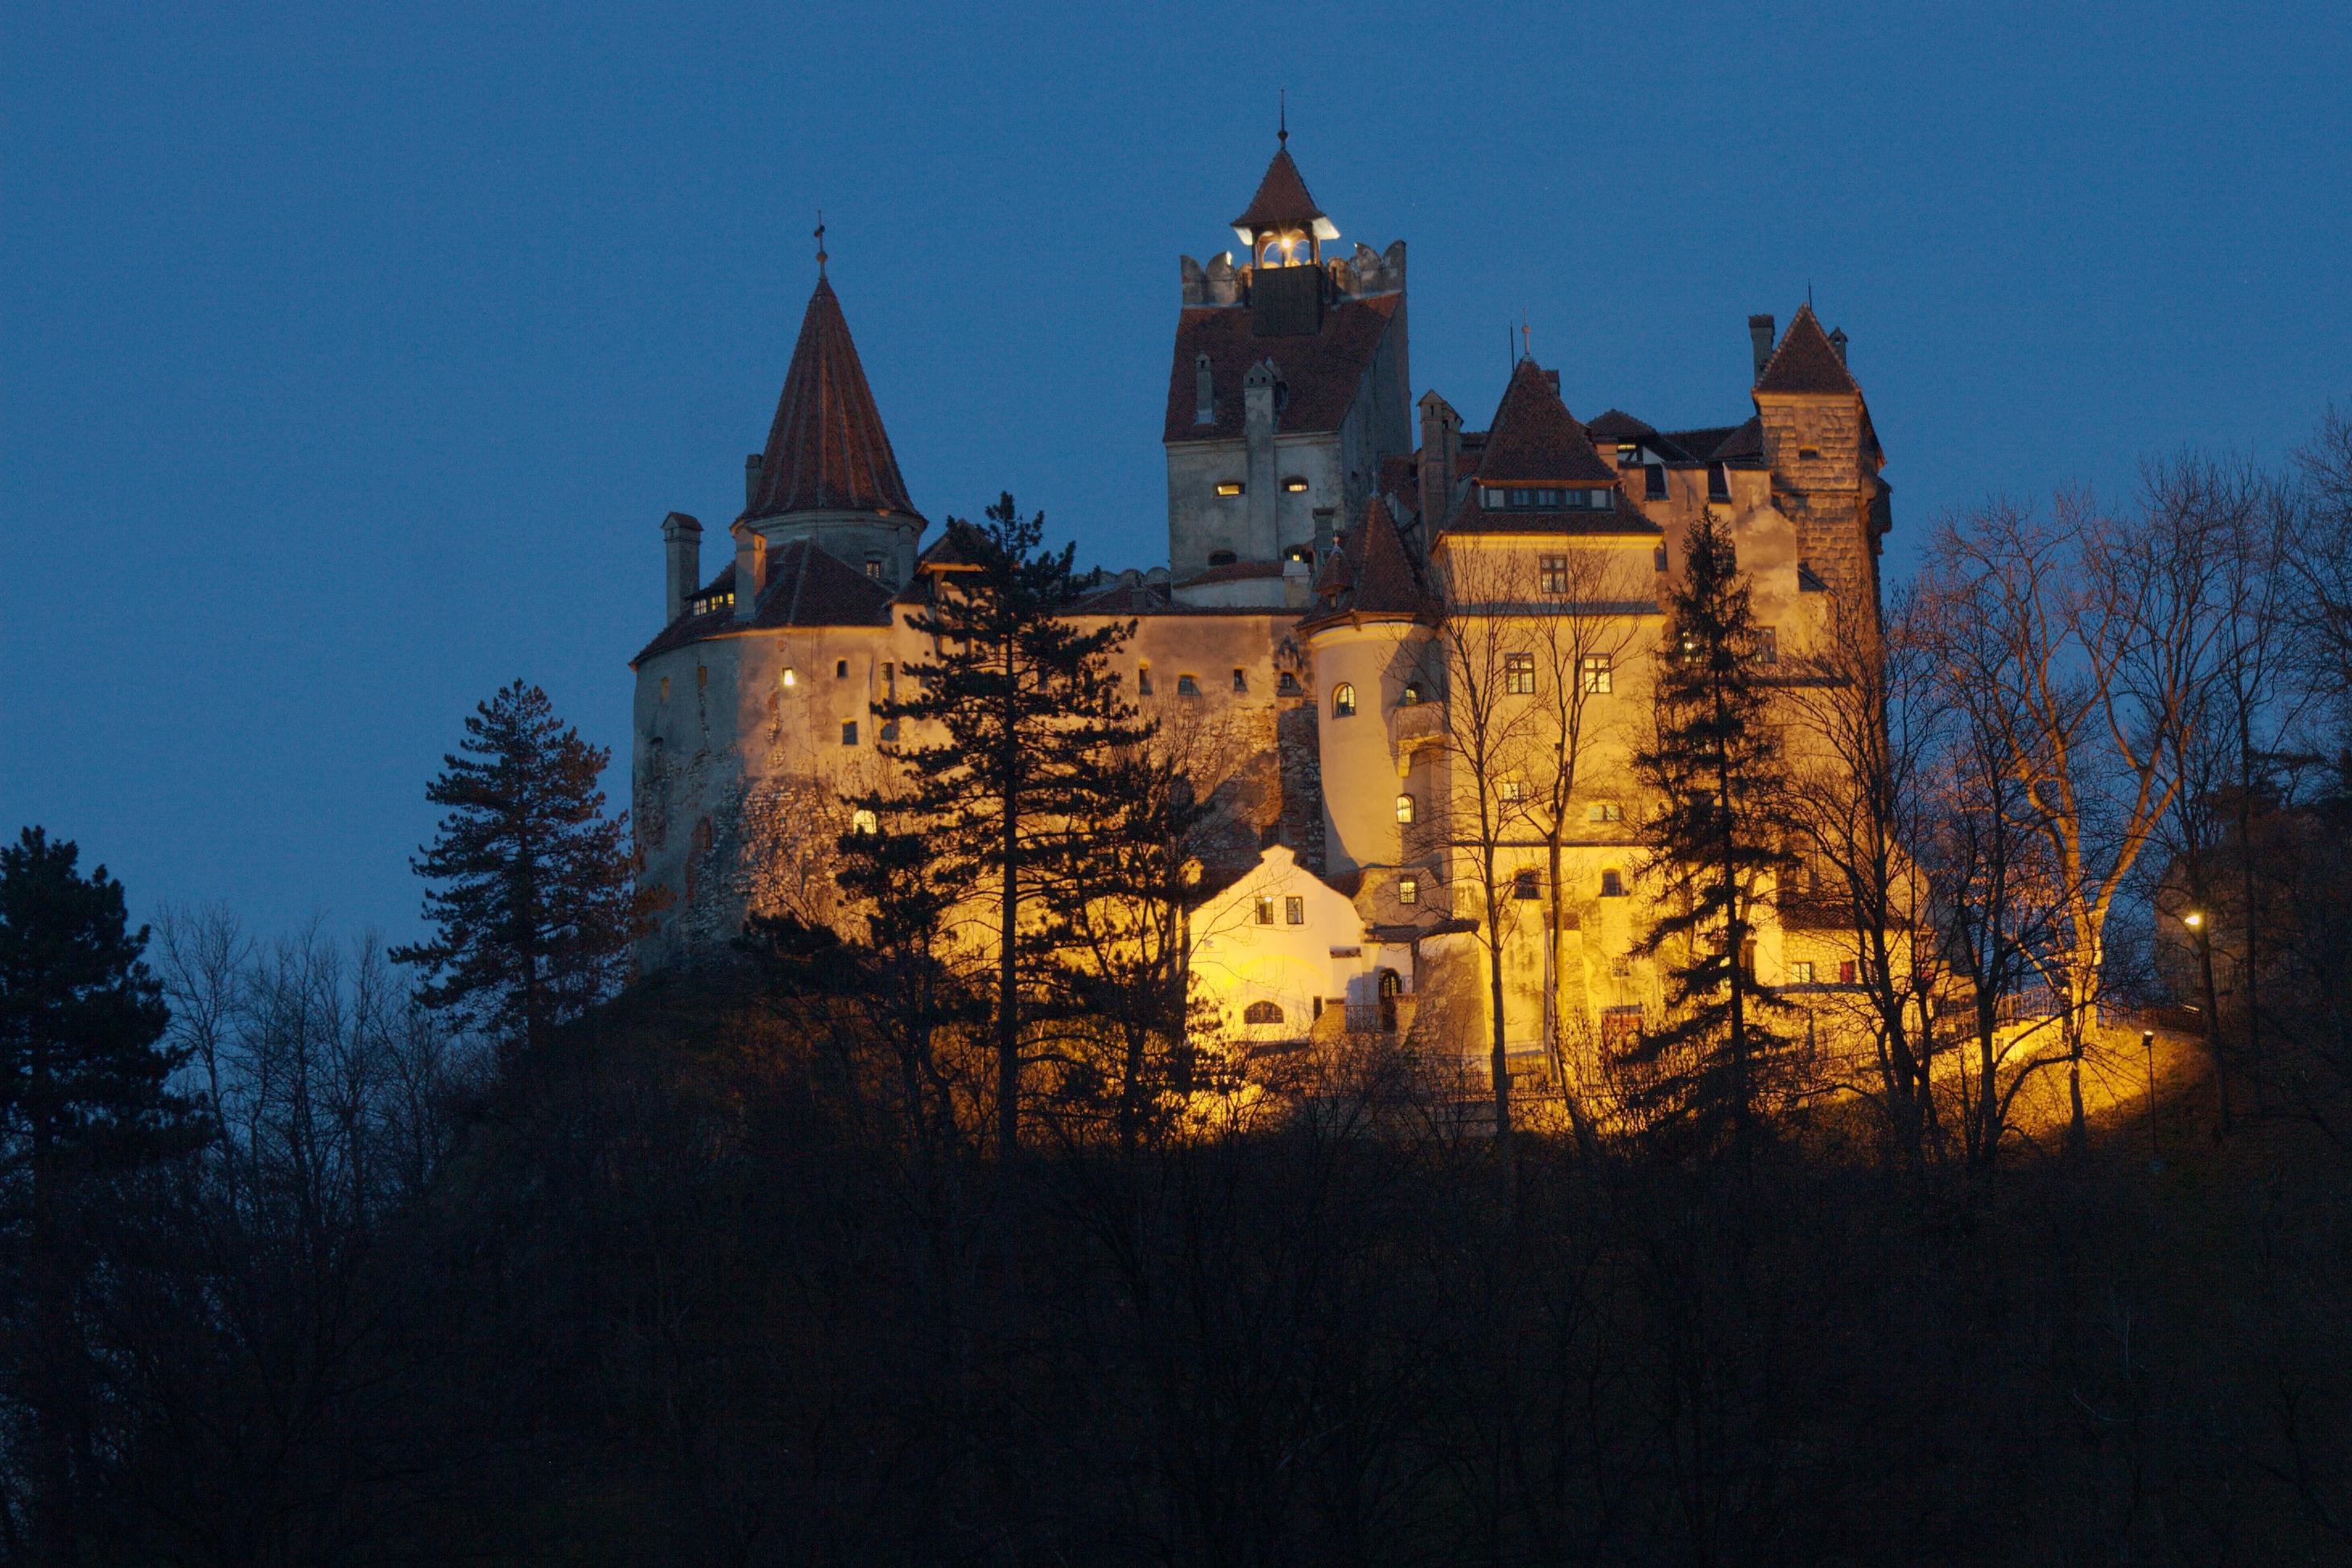 Zamek_w_Branie.jpg